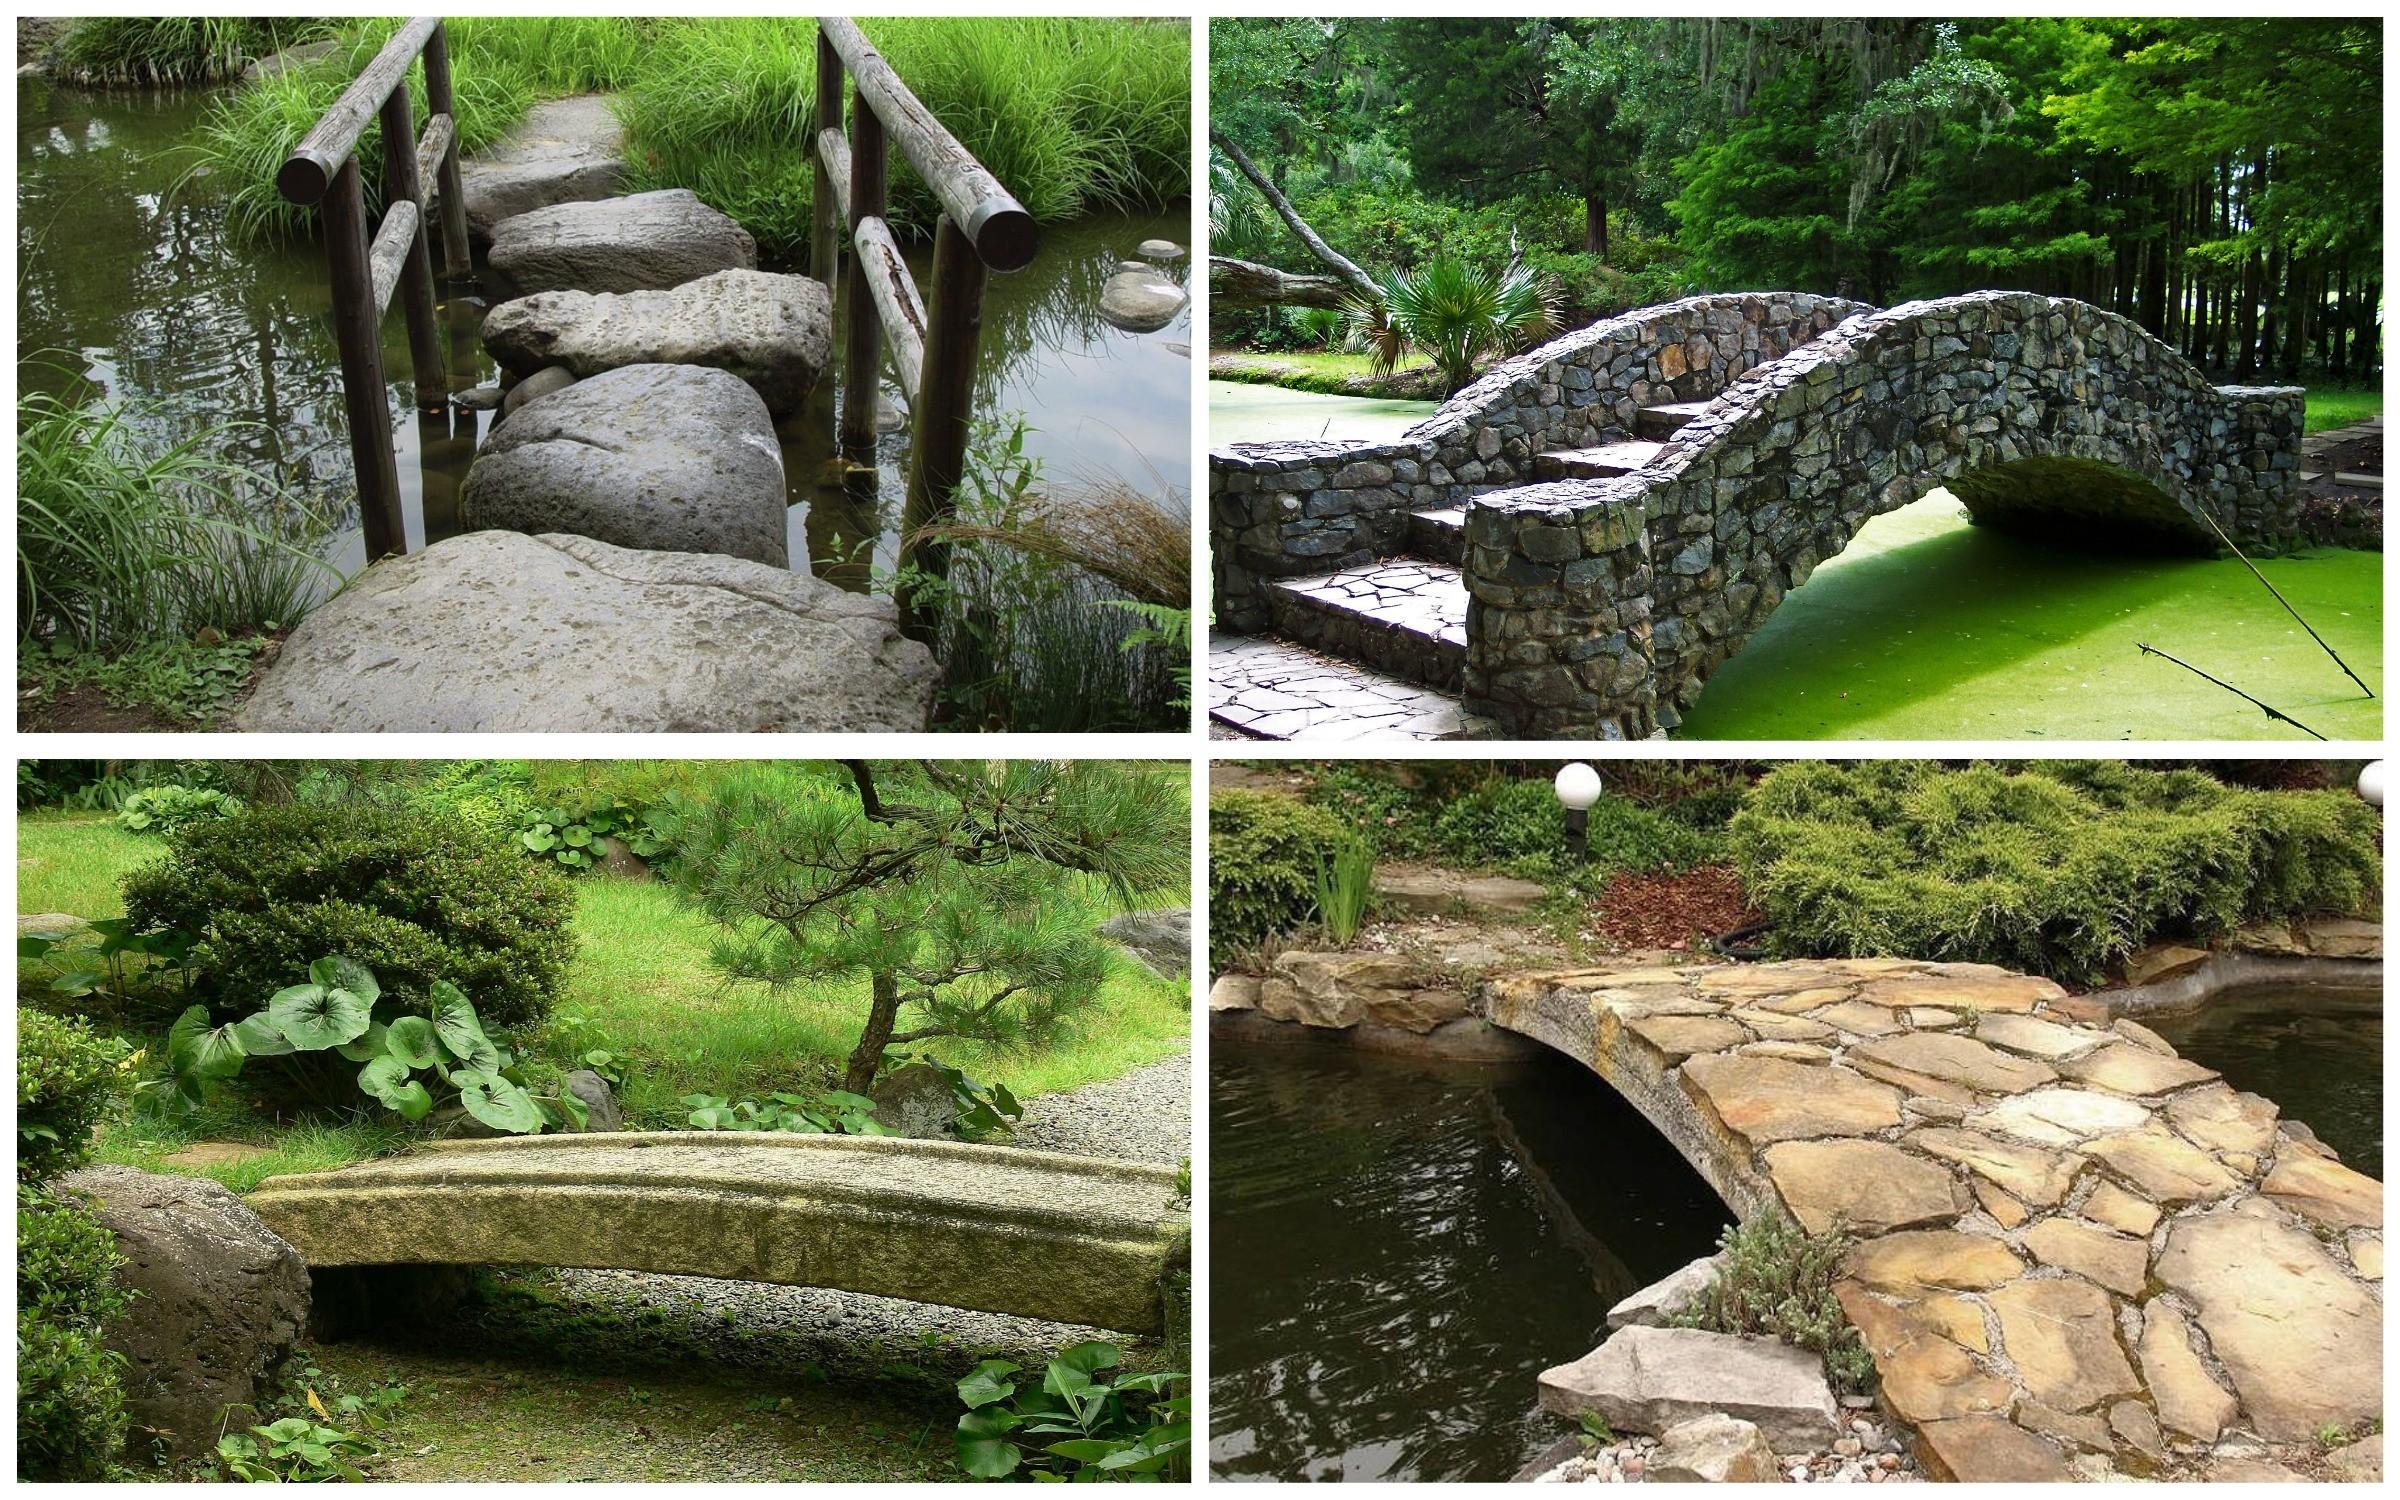 изображение каменного моста в саду